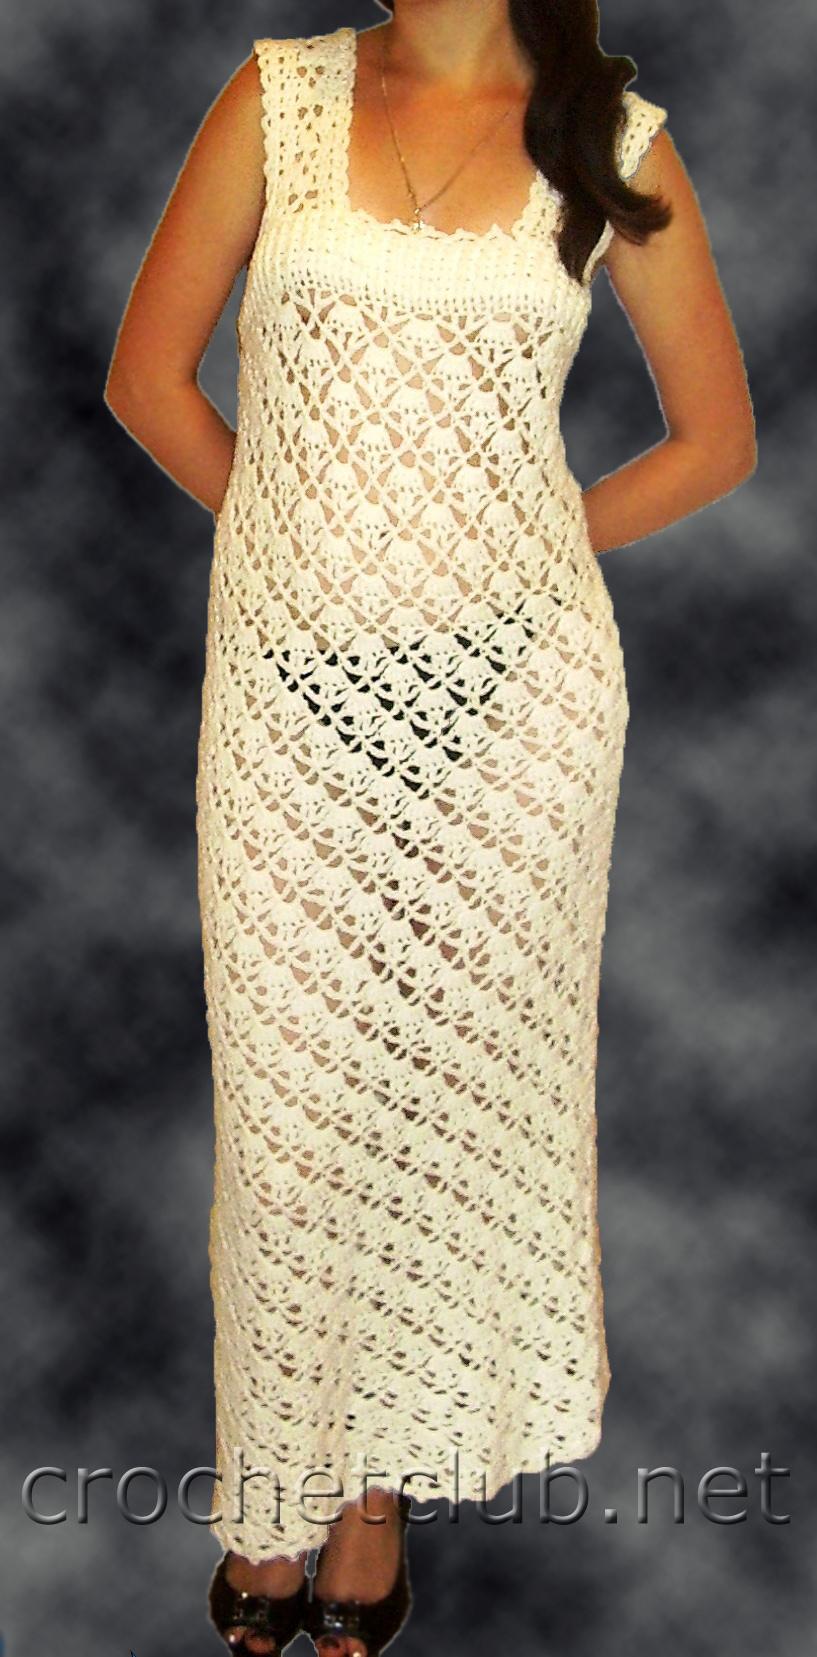 Вязание крючком для женщин сарафанов 67